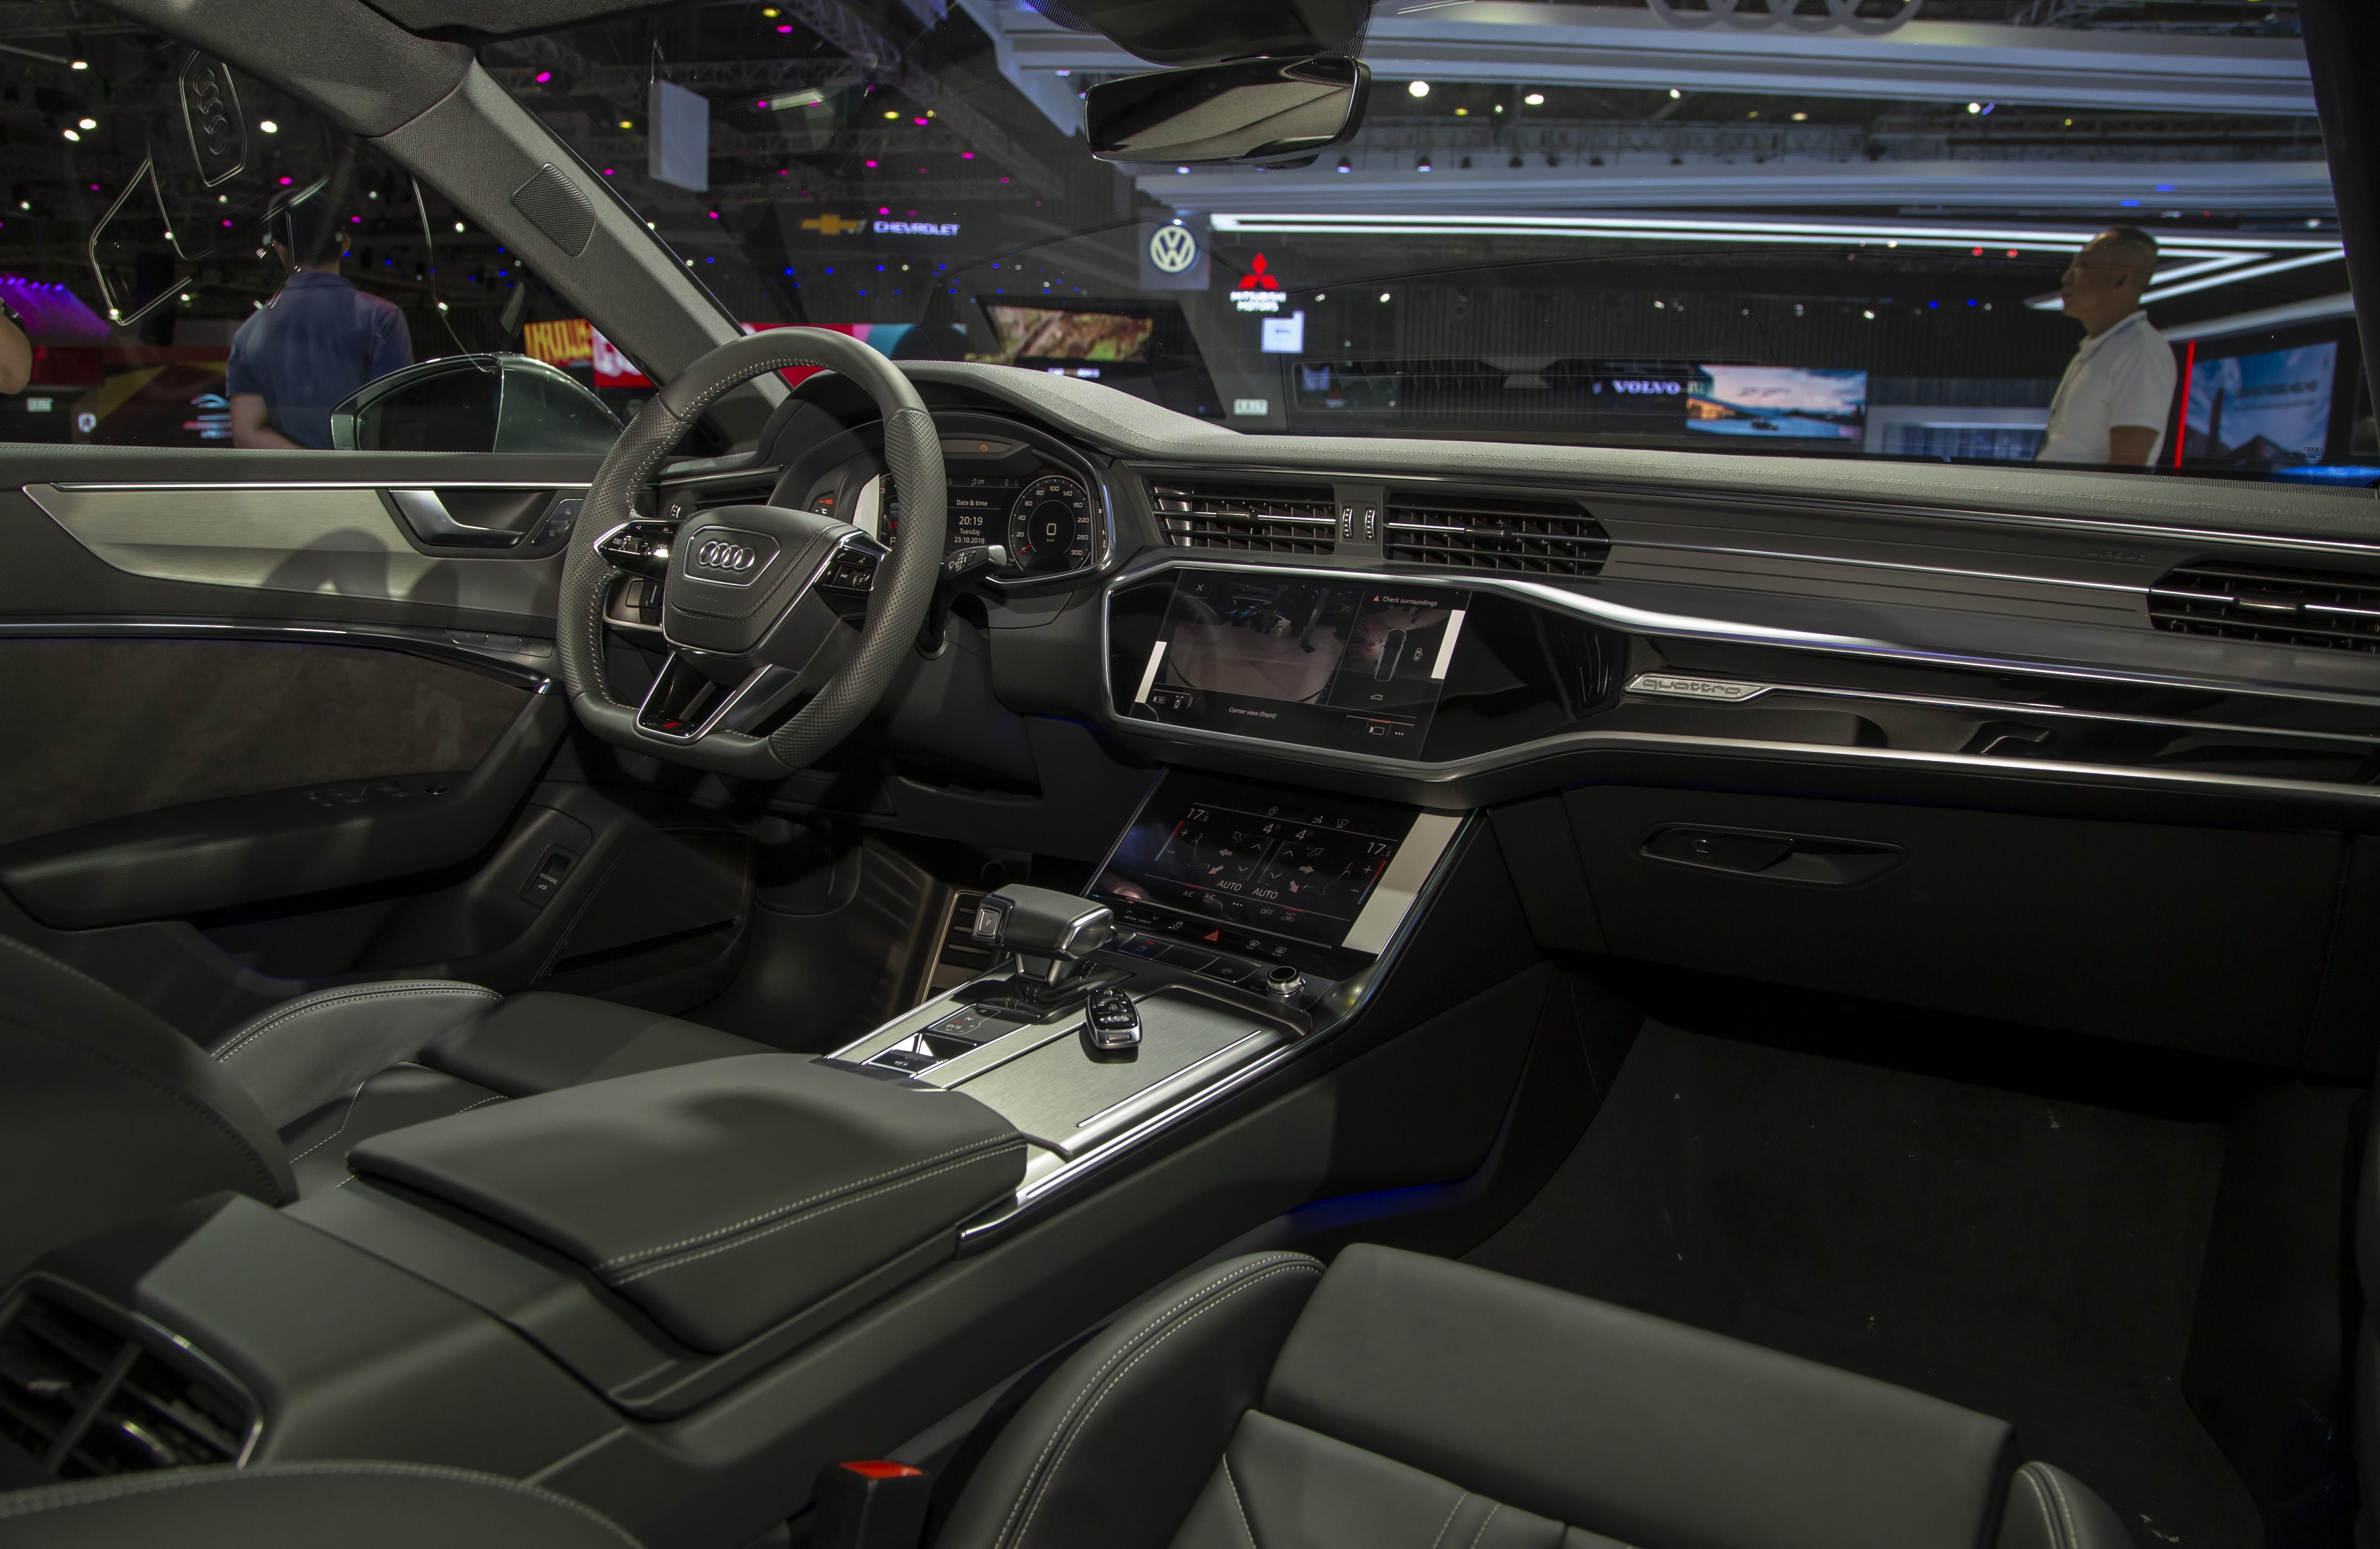 Khoang nội thất sang trọng đặc trưng của Audi